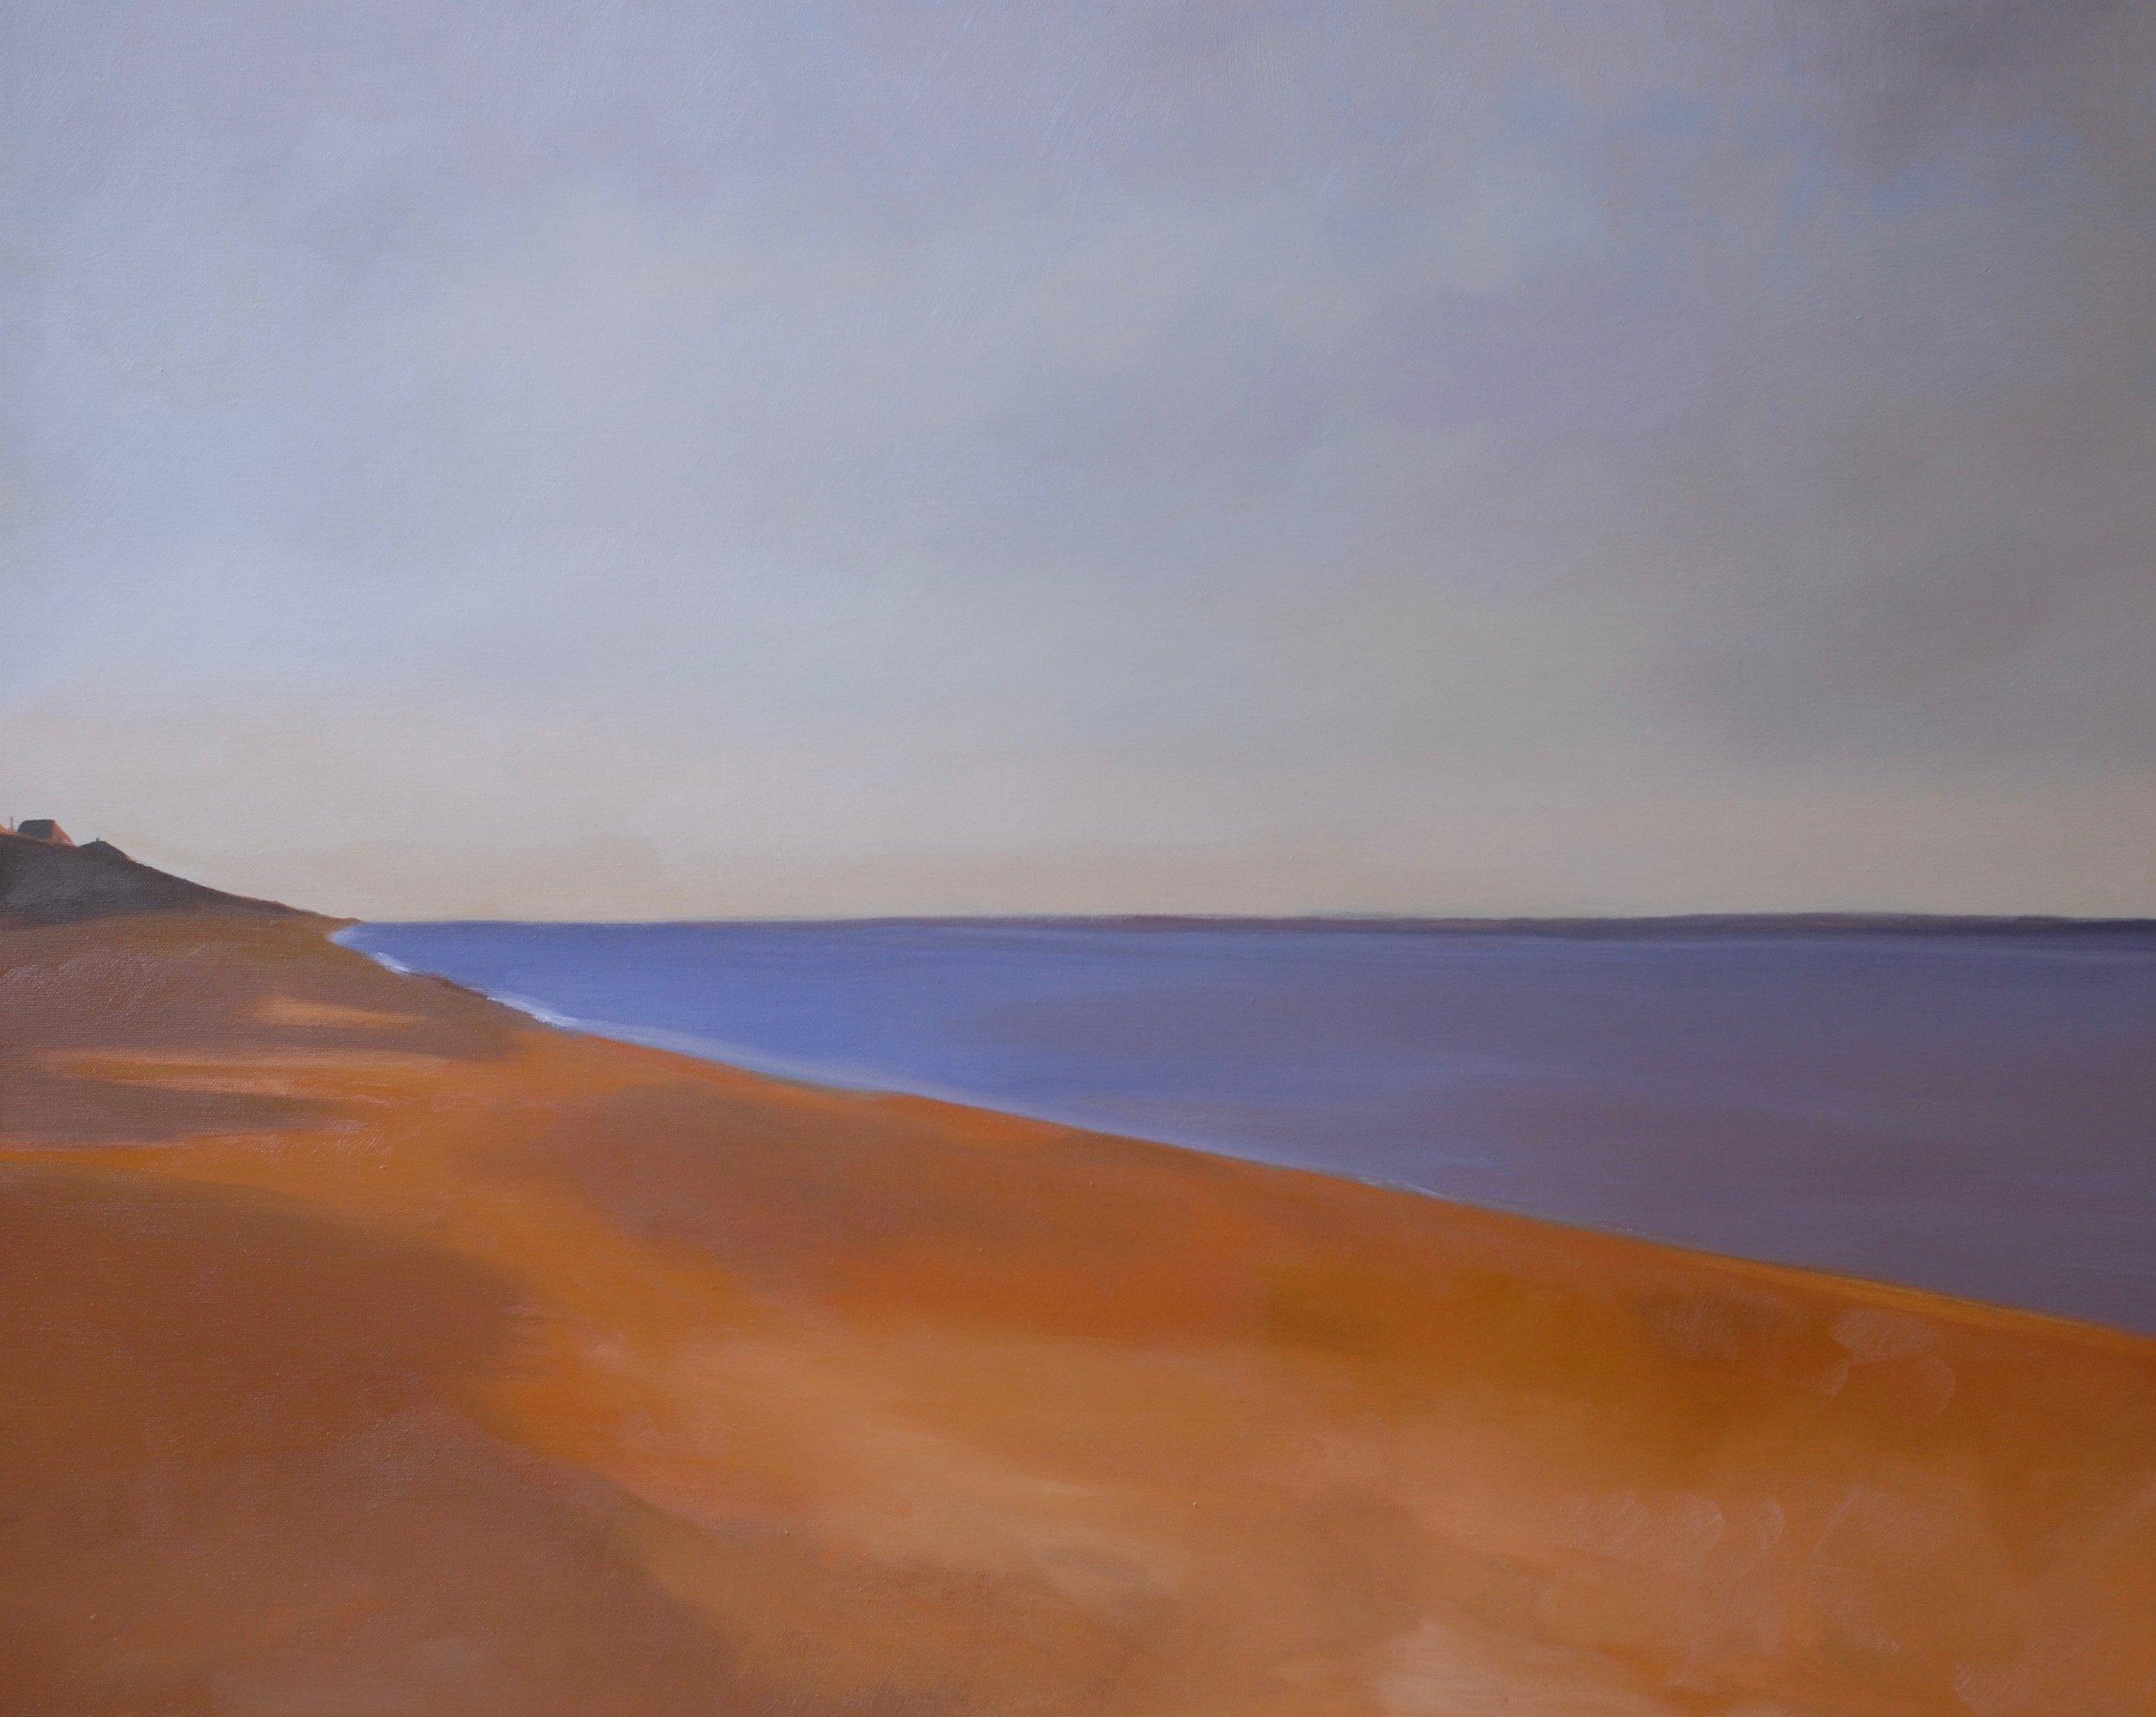 Ocean Beach, Looking Left